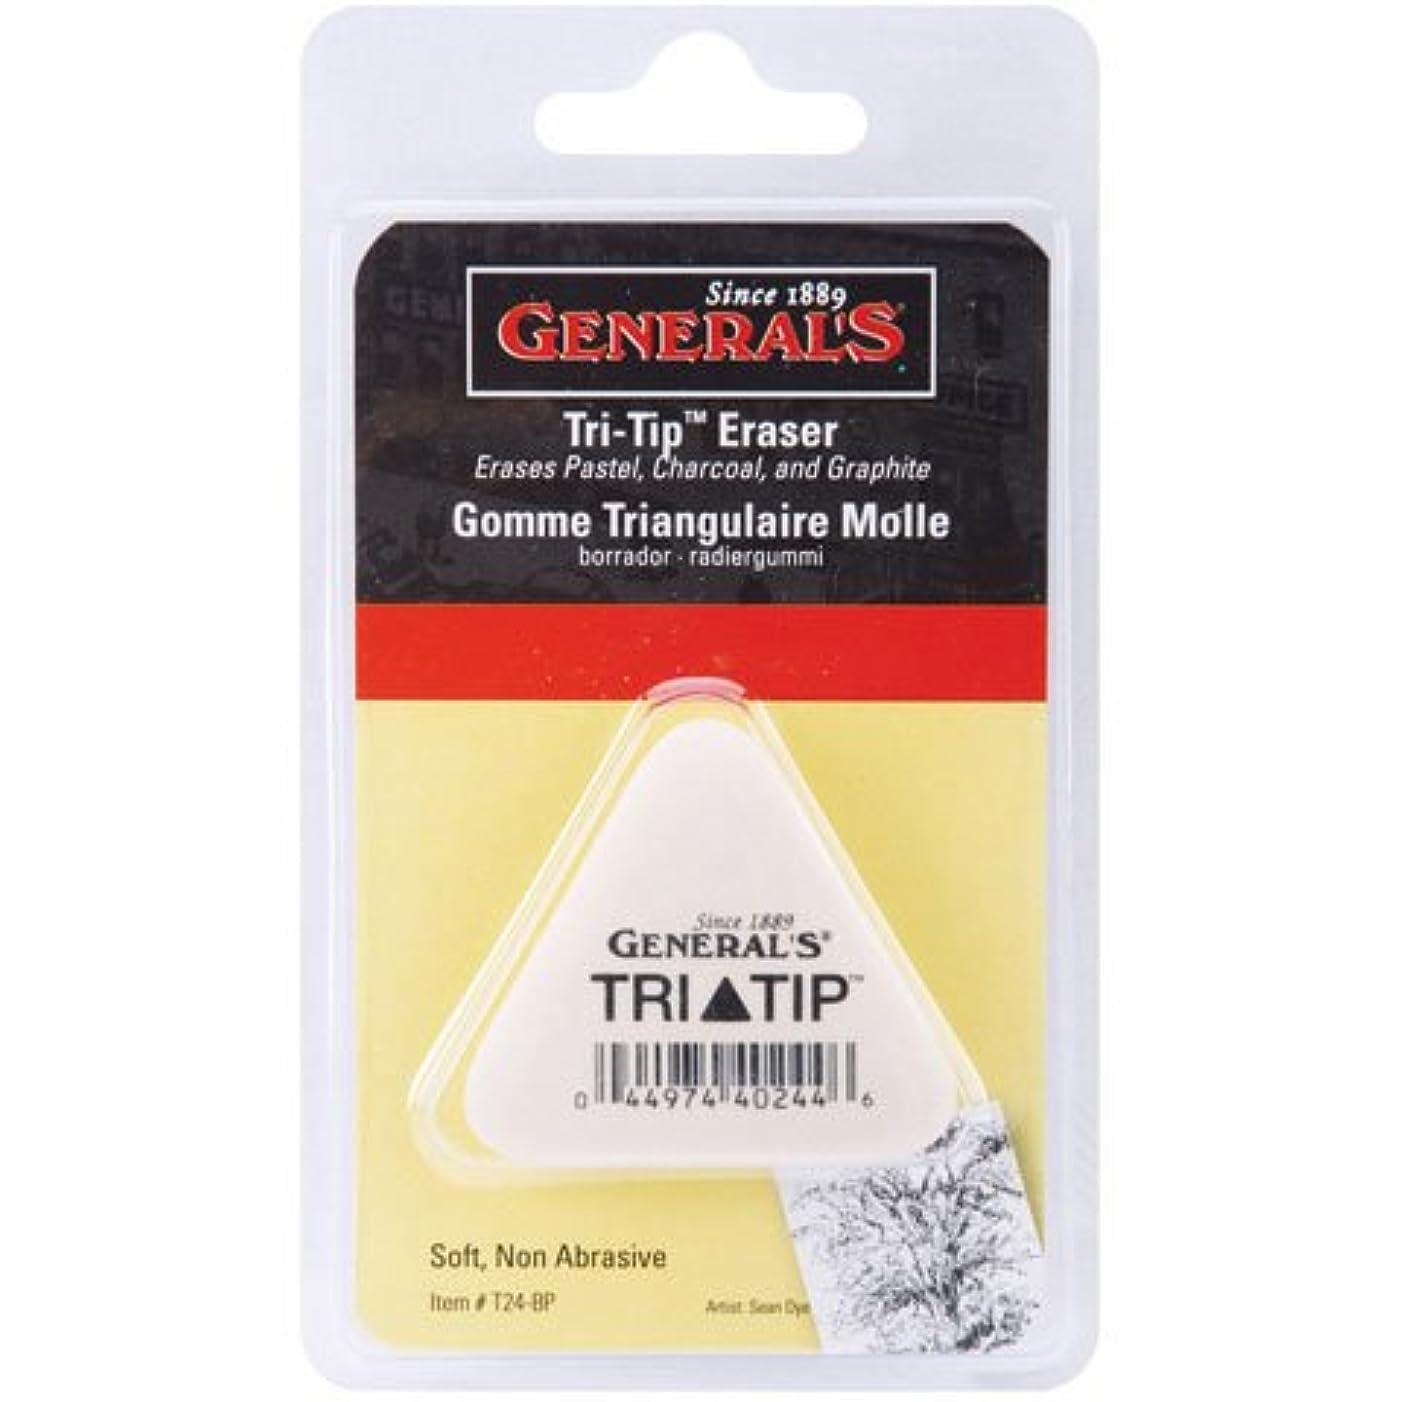 Better Crafts TRI.TIP ERASER CARDED (1 pack) (0GENT-24BP0)